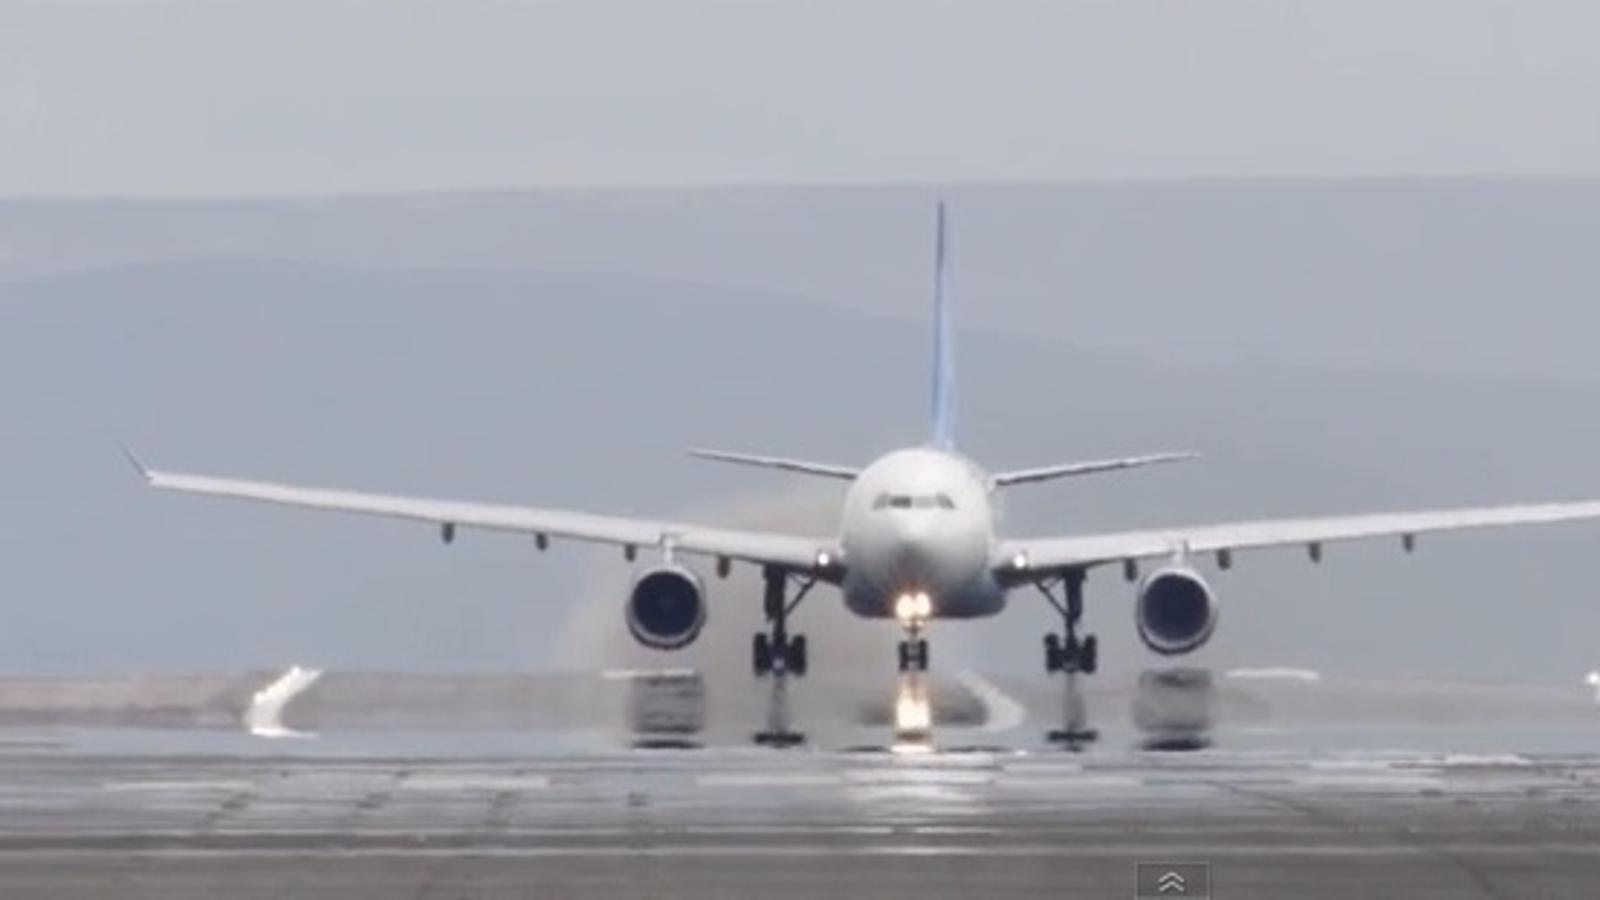 Un videoaficionat enregistra el moment en què esclata el motor d'un avió a punt d'enlairar-se